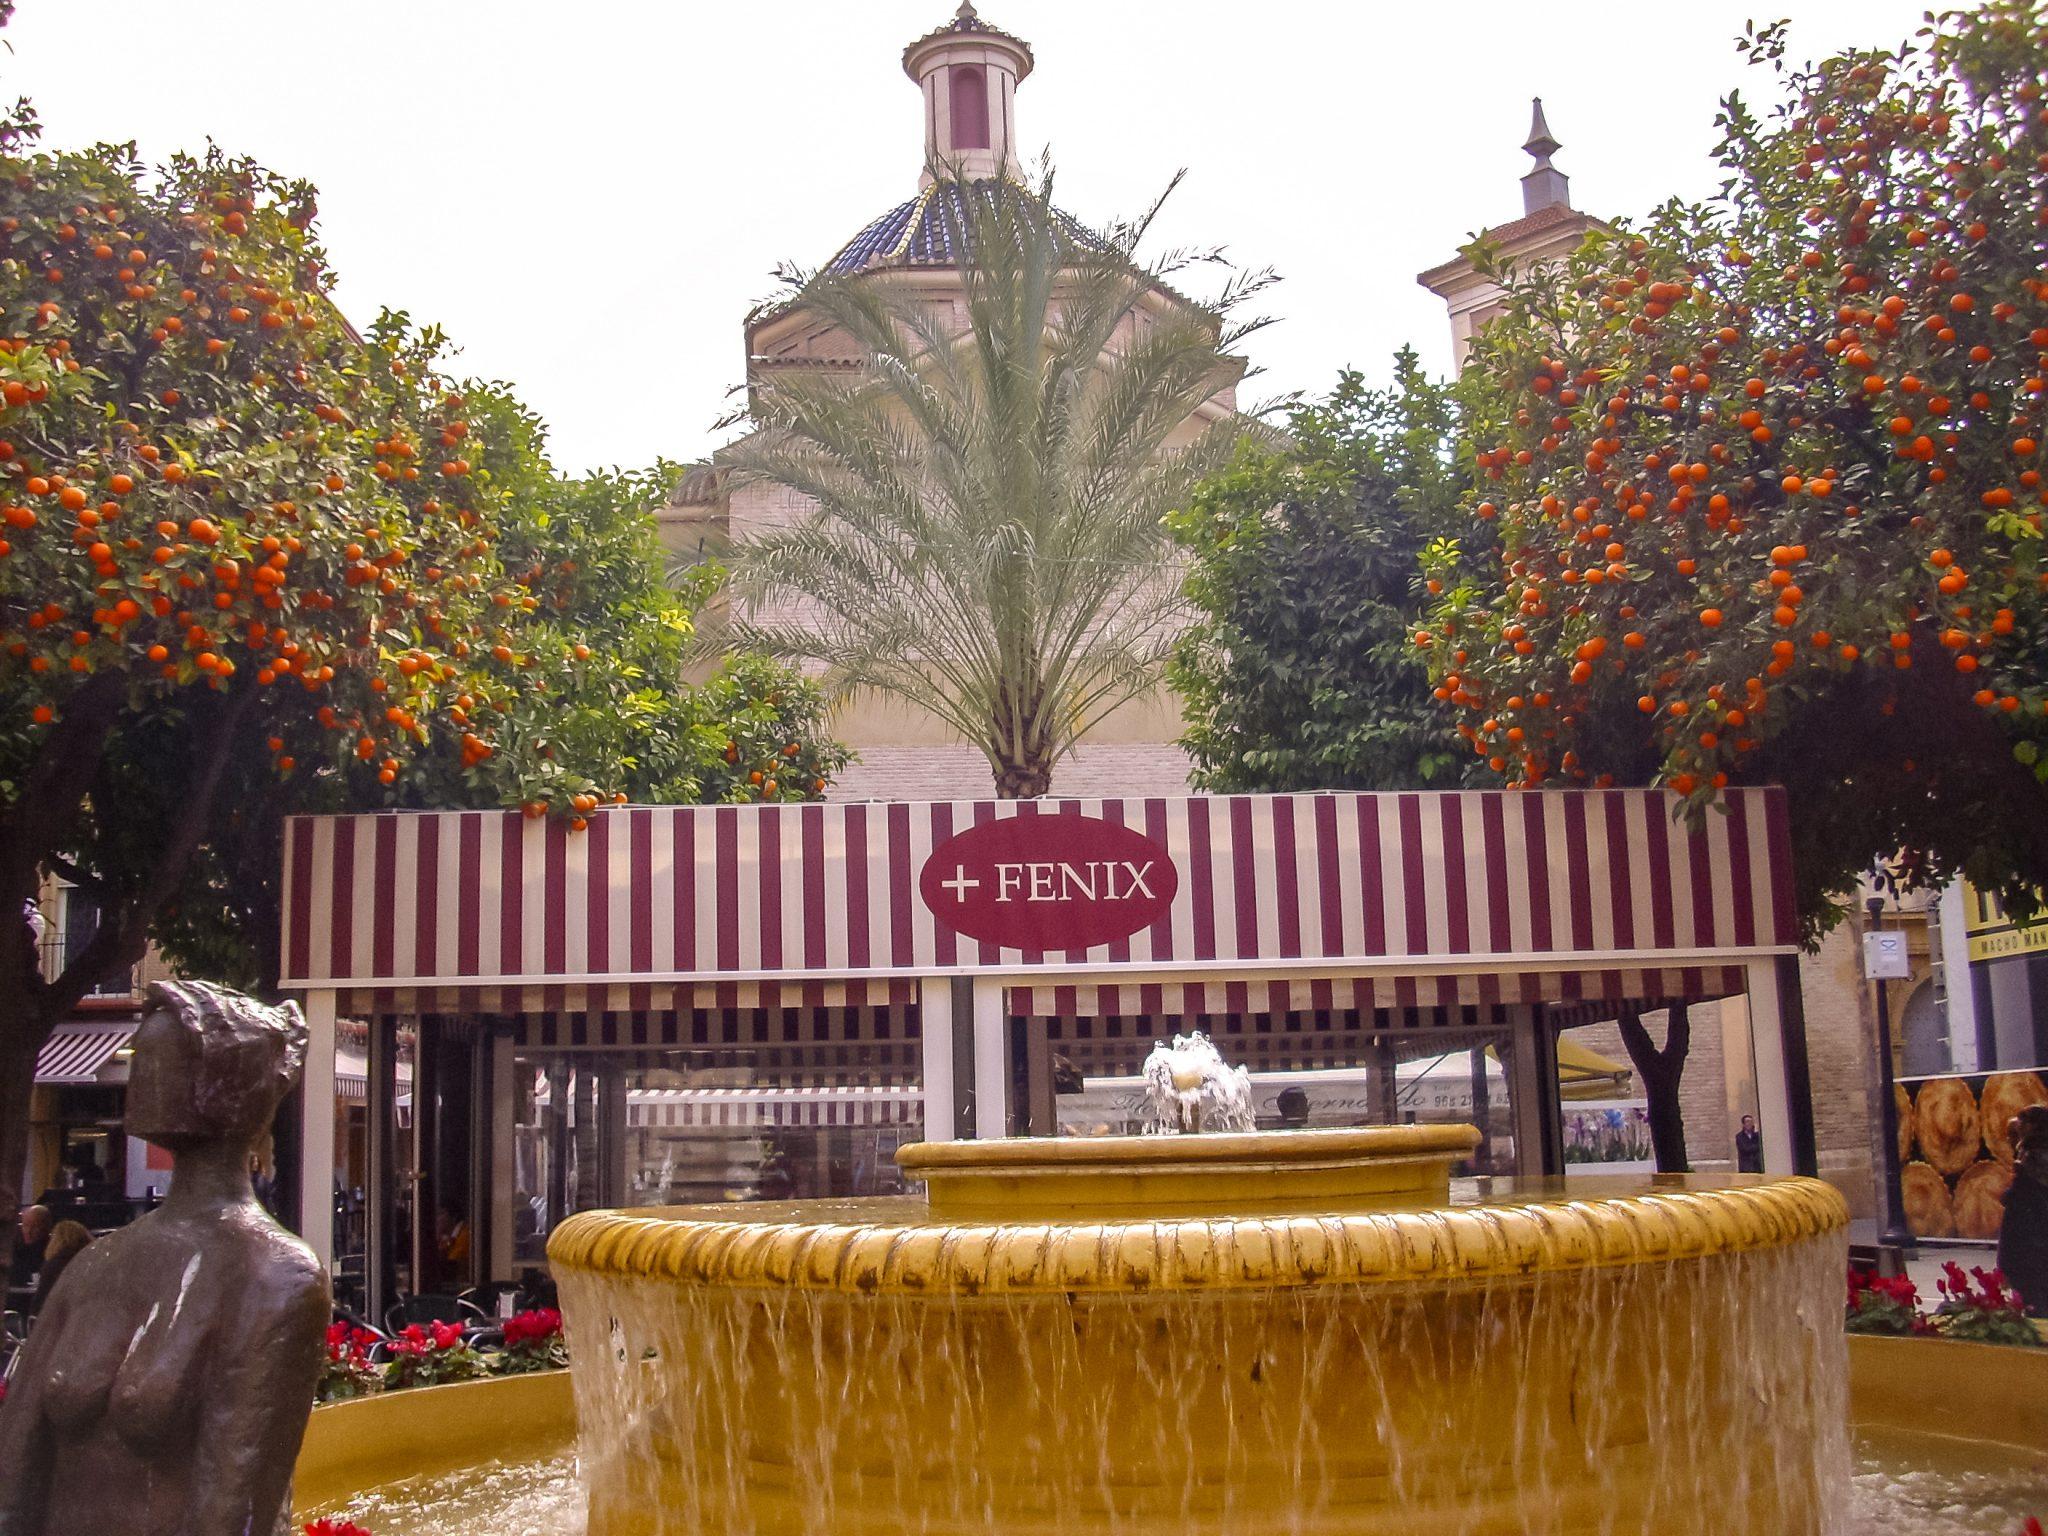 Entspanne dich ein wenig beim Plaza de las Flores in Murcia.